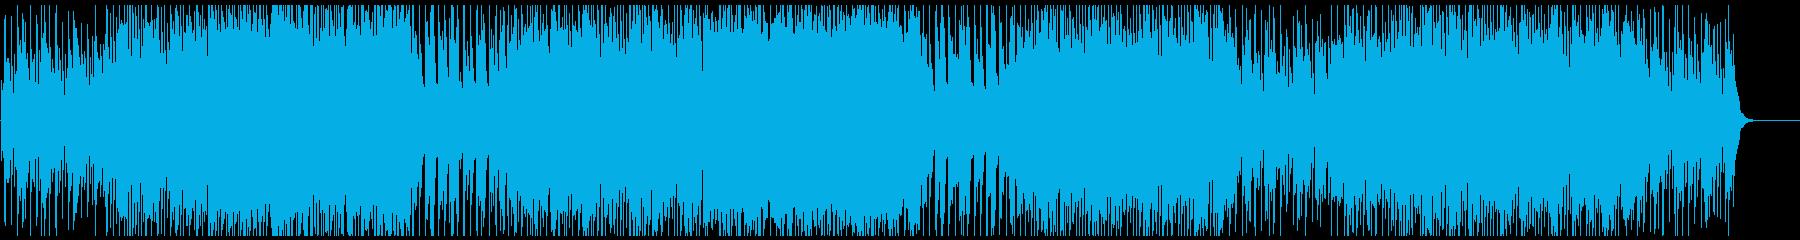 EDM/パーティー/ポップ/可愛い/#3の再生済みの波形